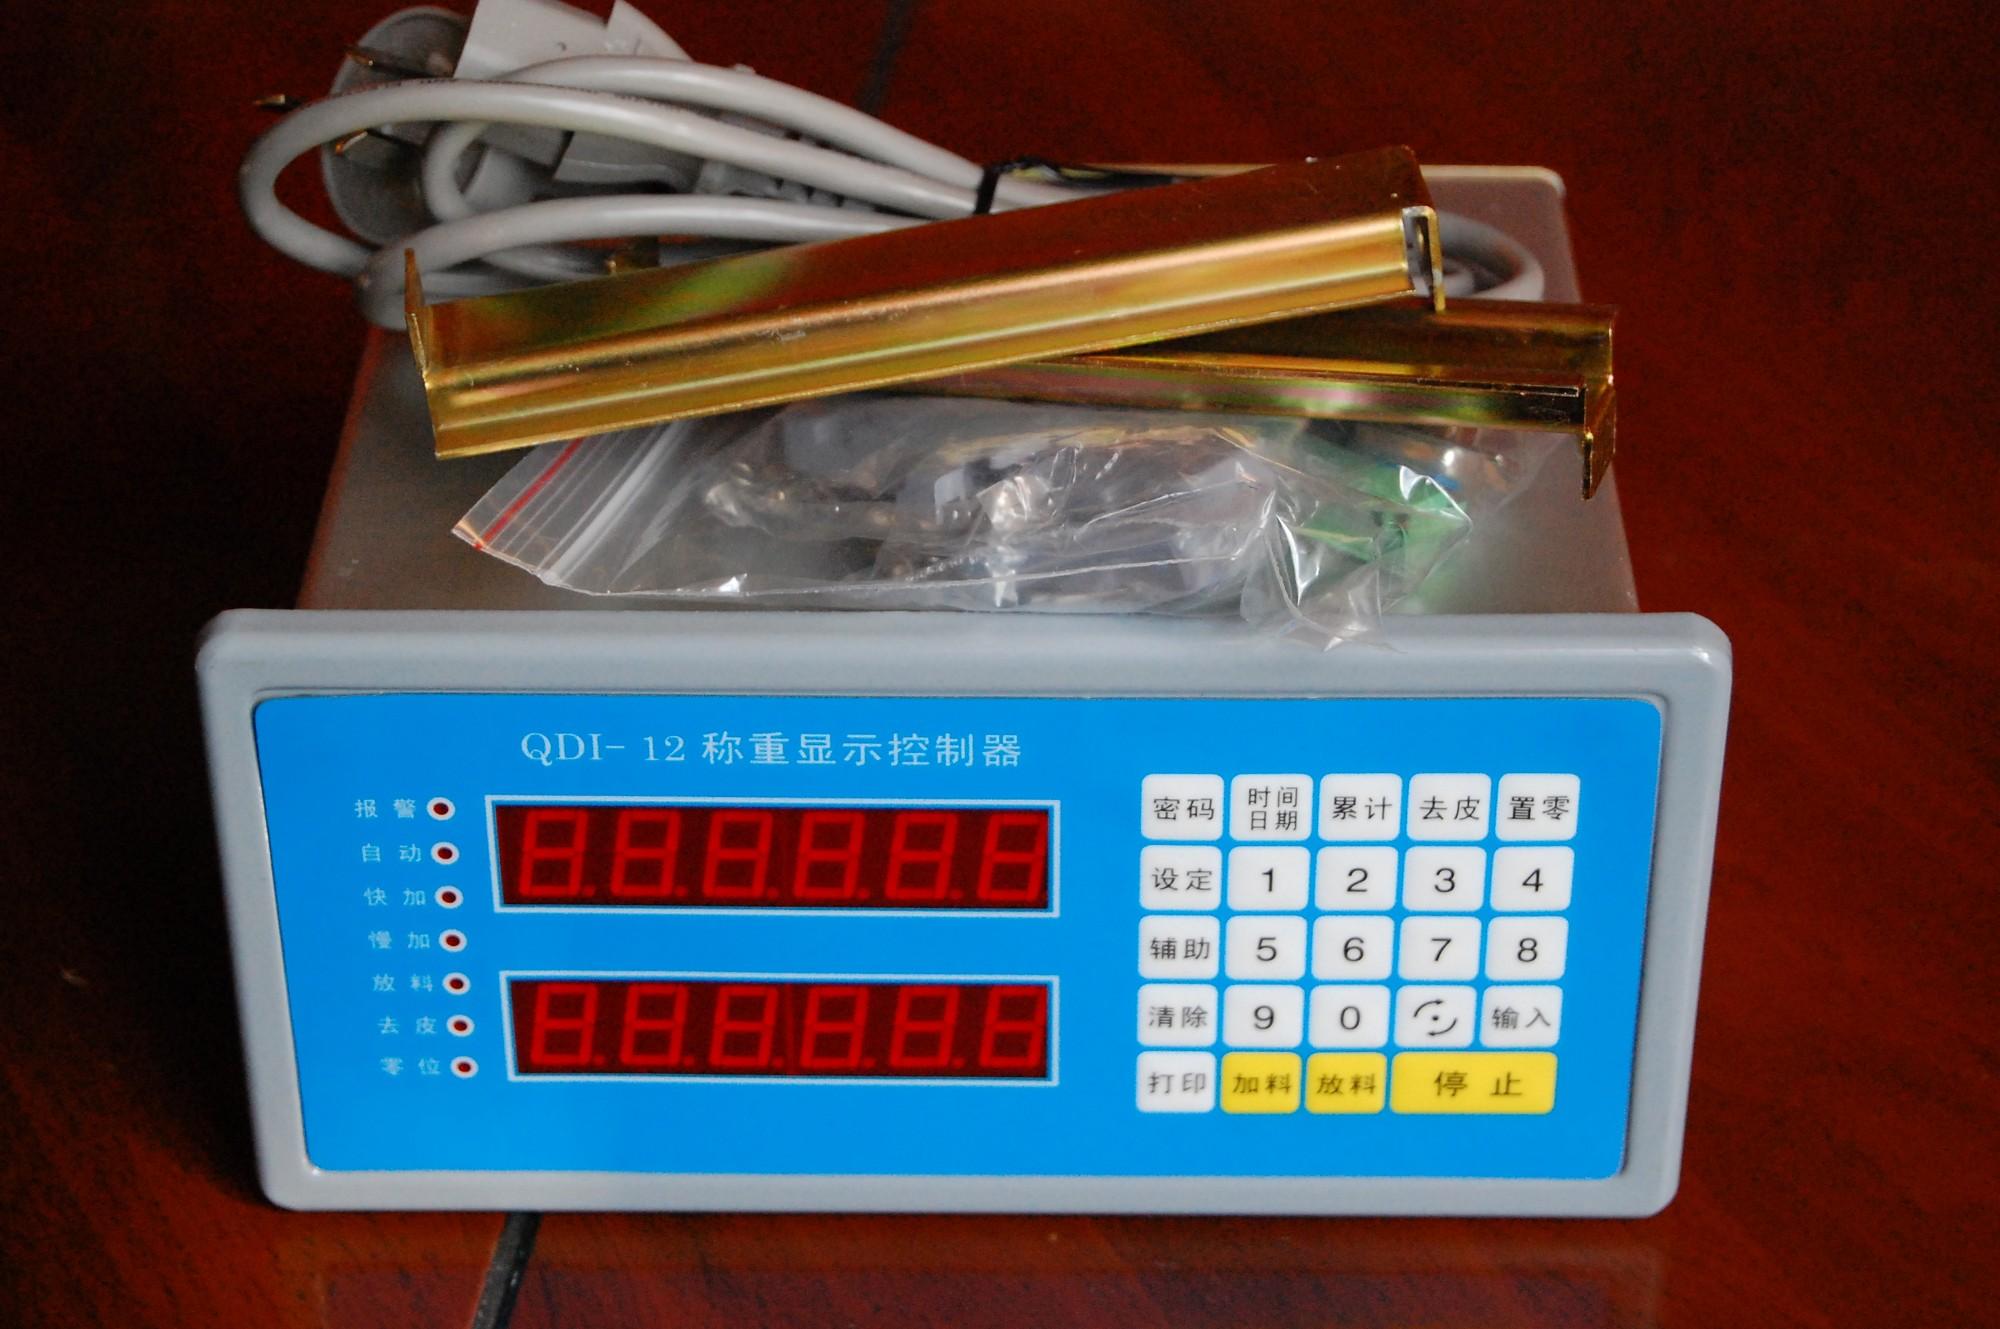 上海秋毫衡器 QDI-12B 定值包装 配料 称重显示控制仪表 控制器